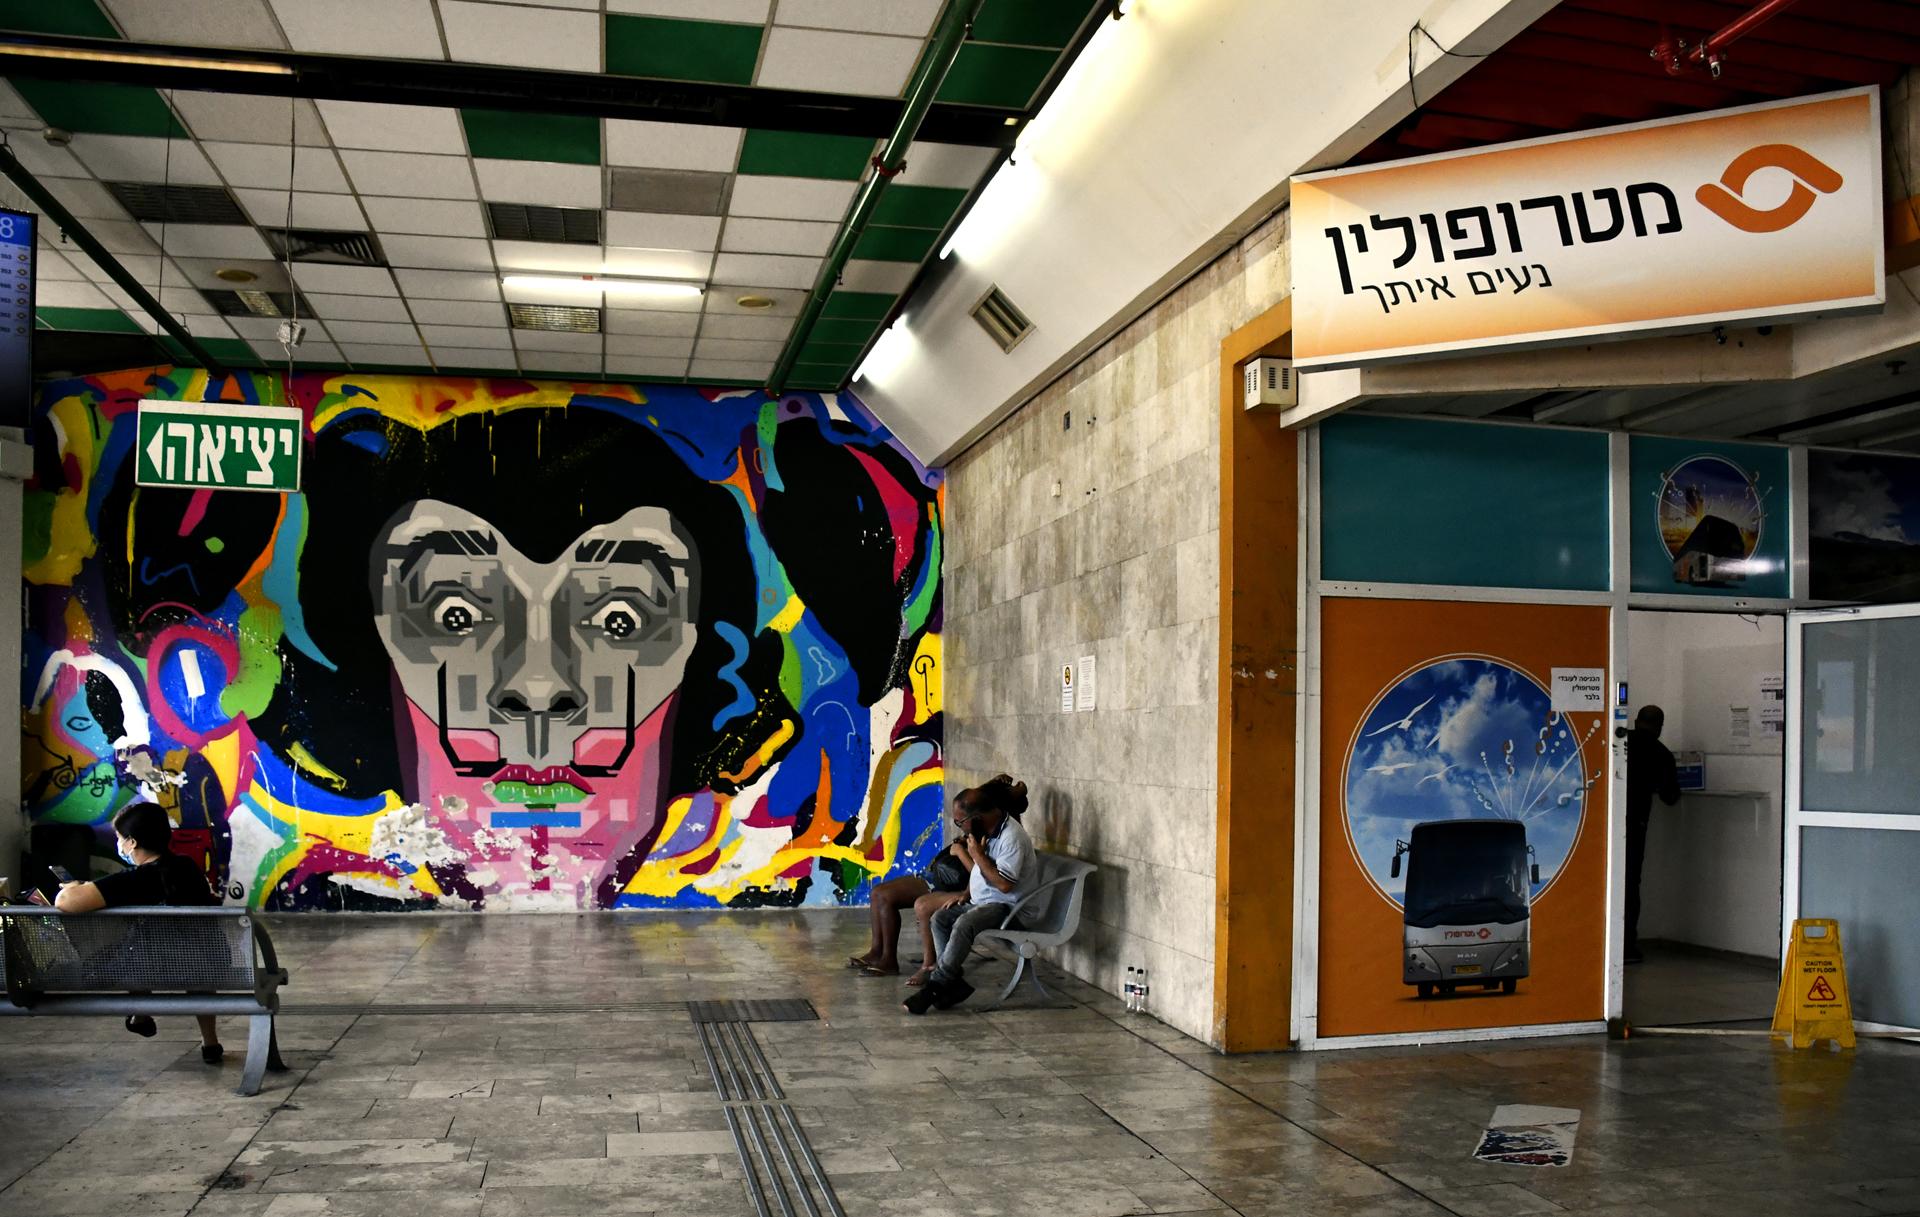 New central station - noam sitruk נועם שתרוג - אדמה יוצרת - מטרופולין - תחנה מרכזית חדשה תל אביב